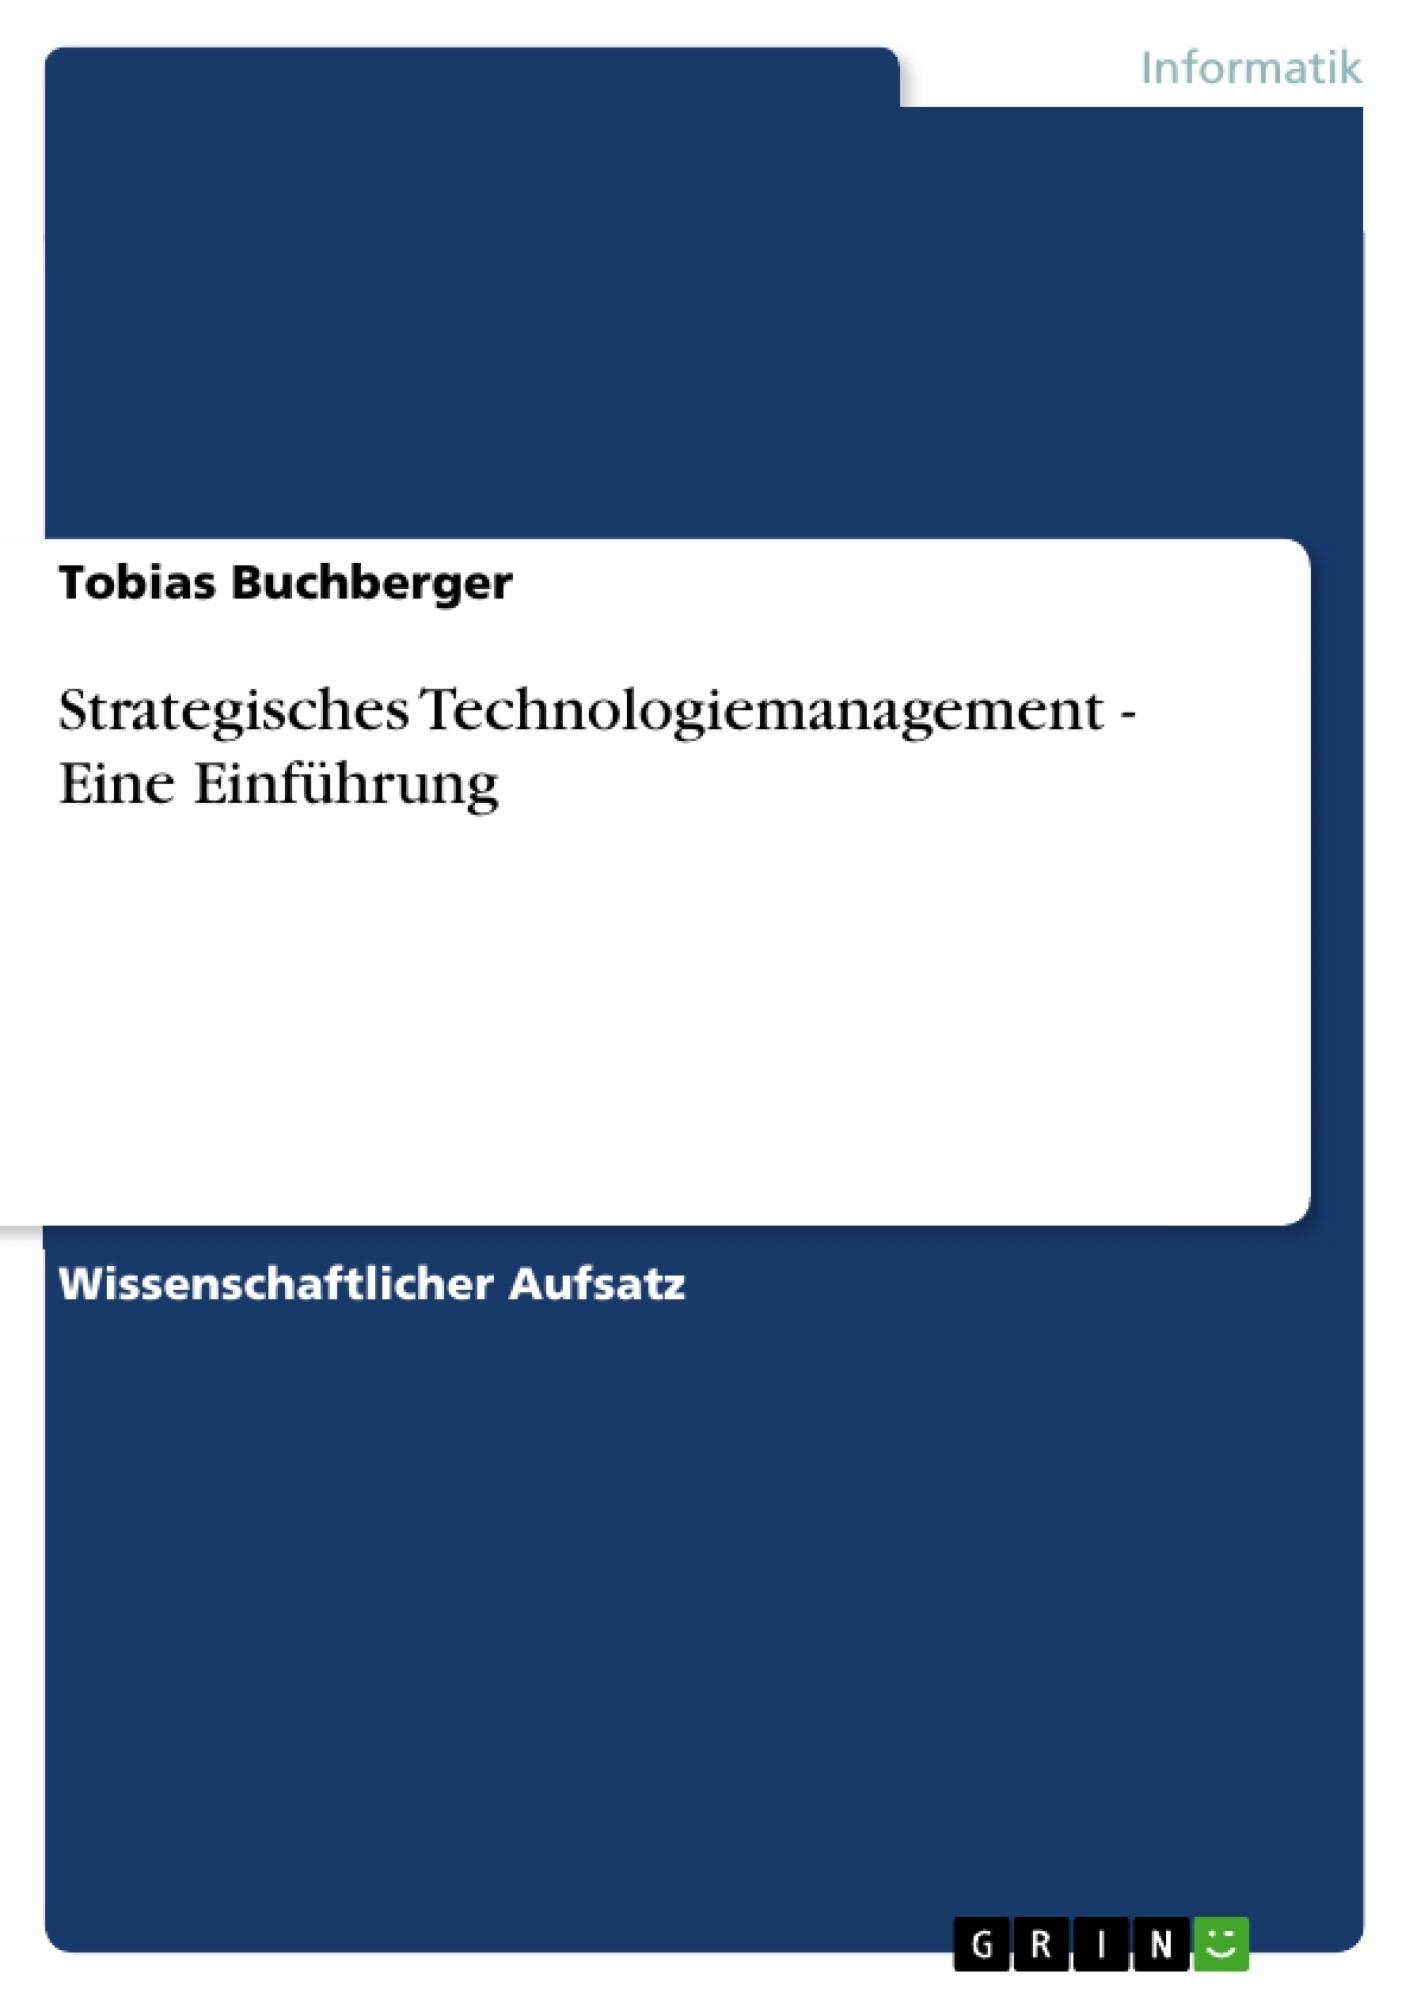 Titel: Strategisches Technologiemanagement - Eine Einführung